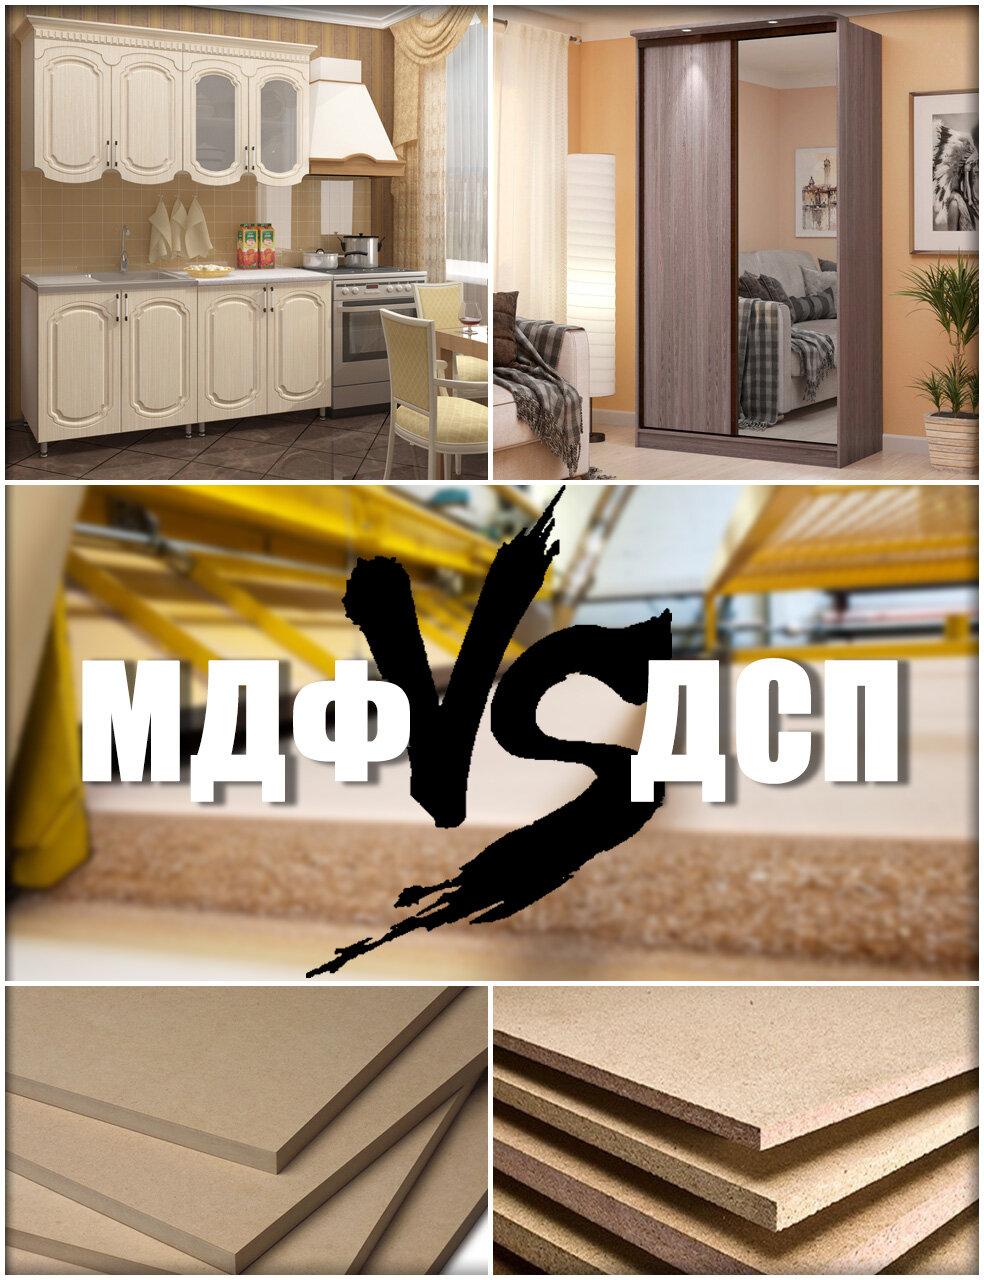 Какой материал лучше для мебели: лдсп, мдф или двп